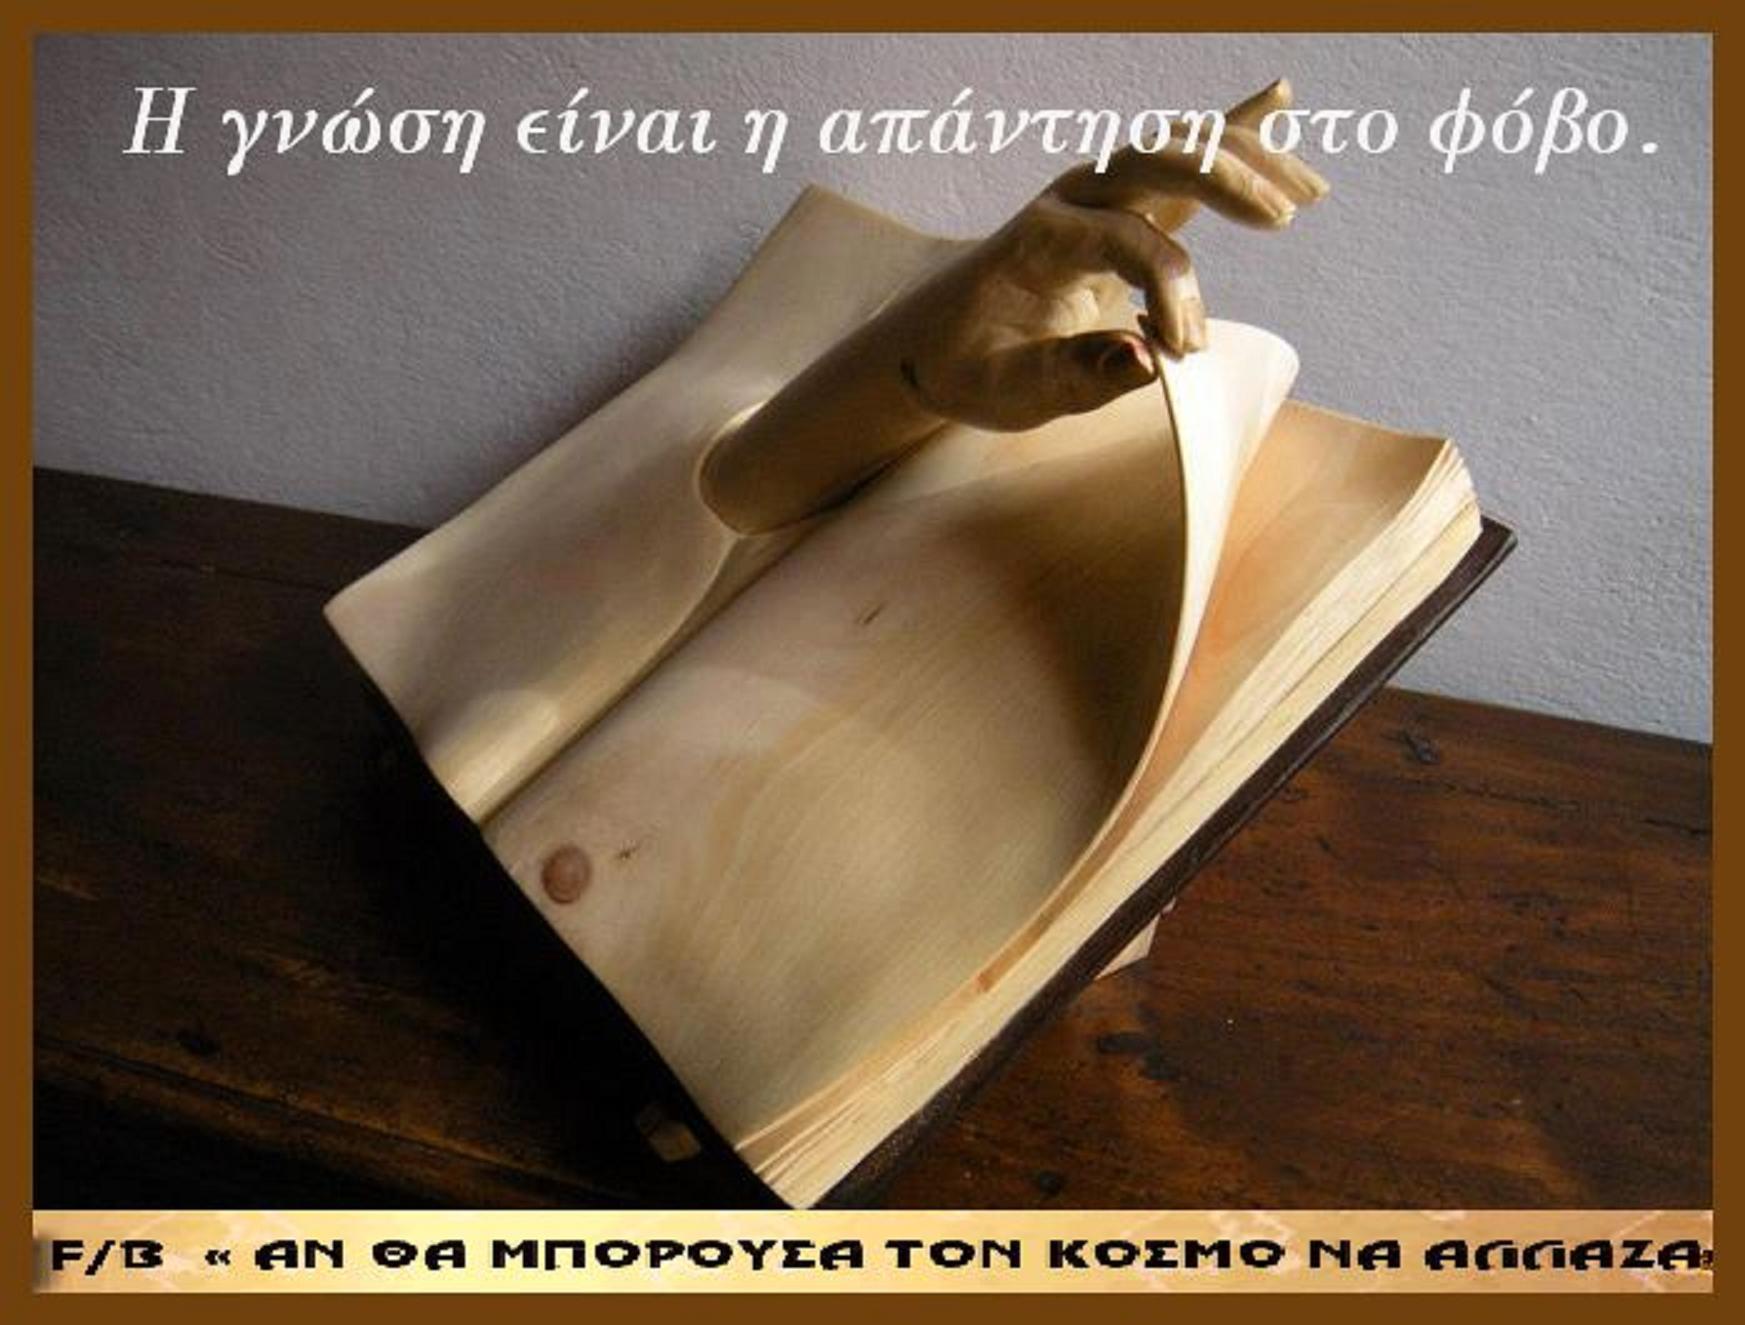 Ἡ γνώσις νικᾷ κάθε φόβο!